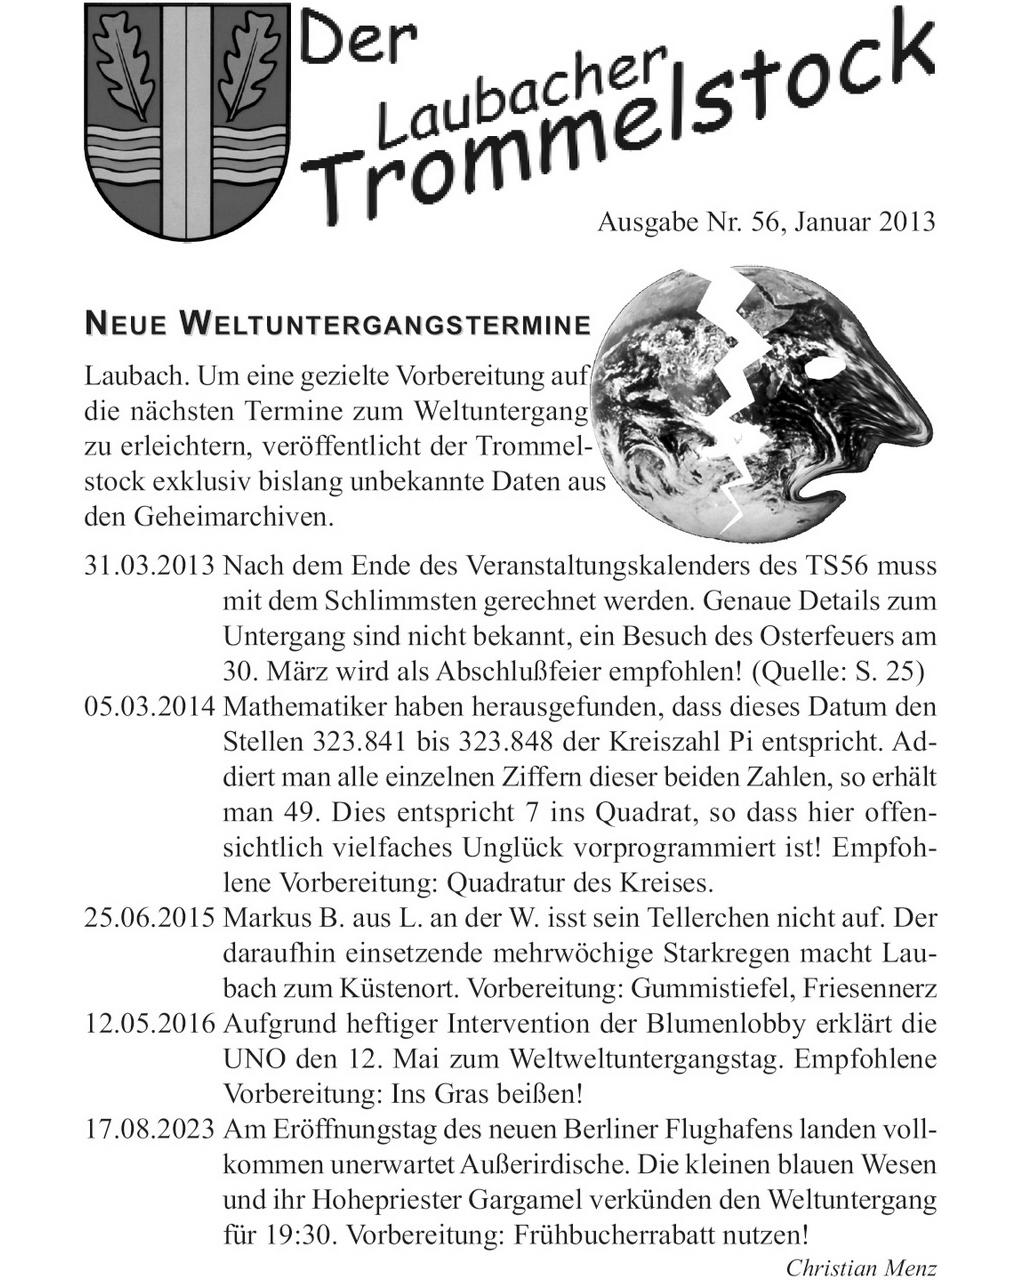 Laubacher-Trommelstock-Titelseite-056